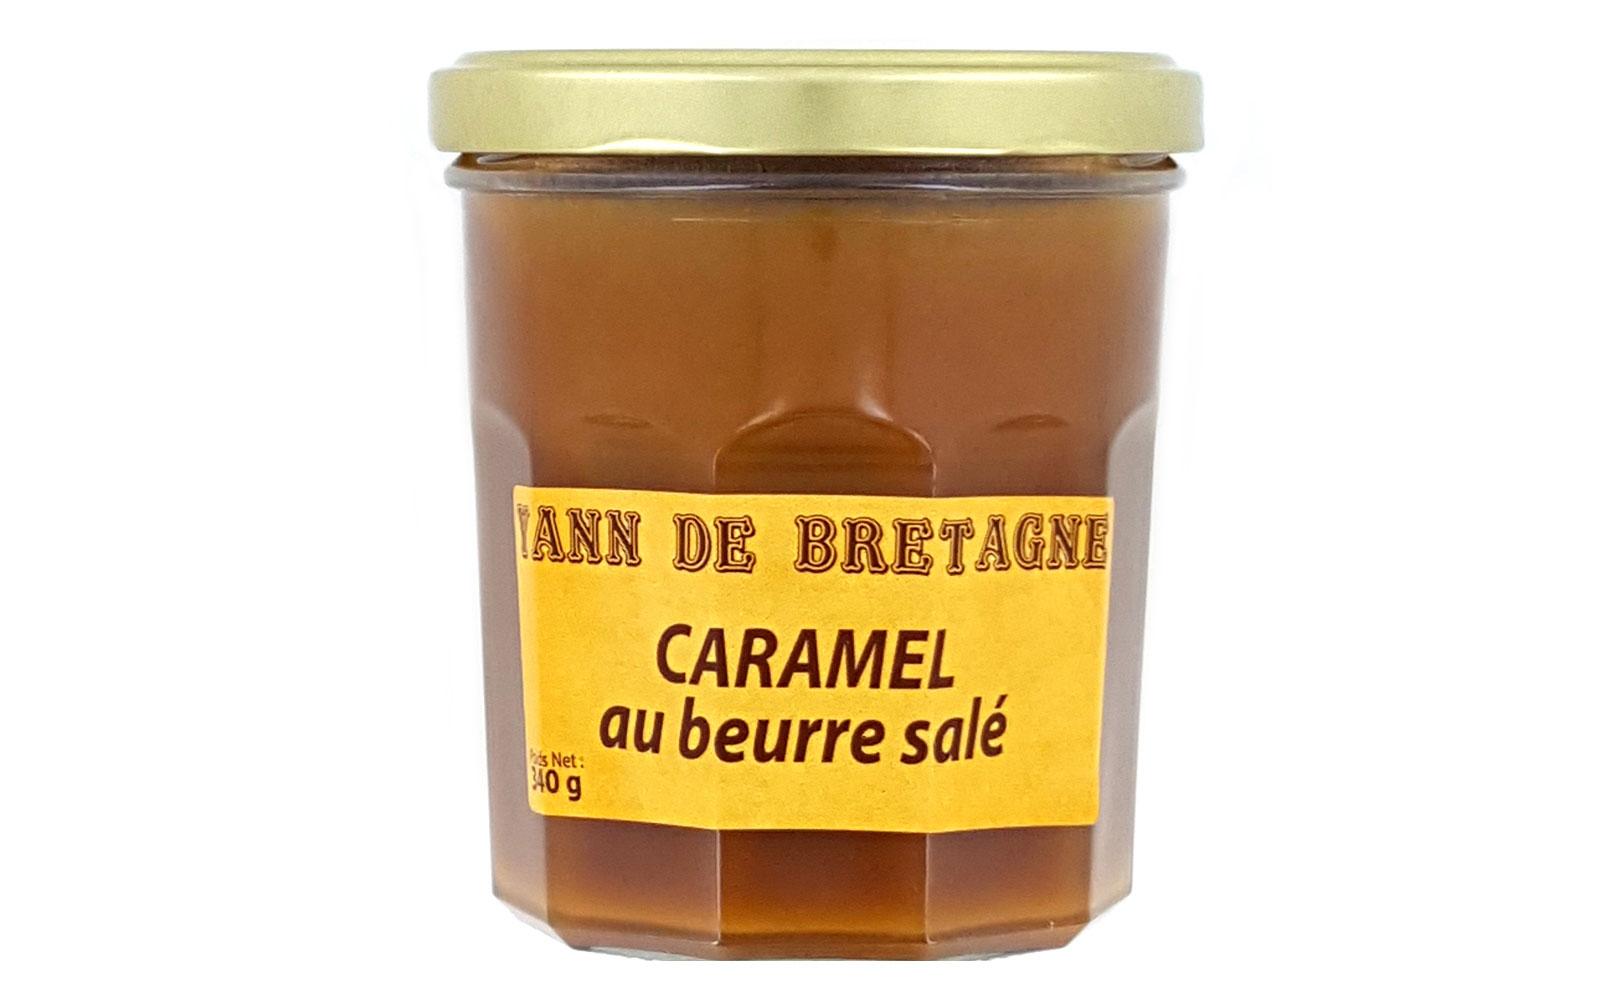 yann de bretagne caramel beurre sale